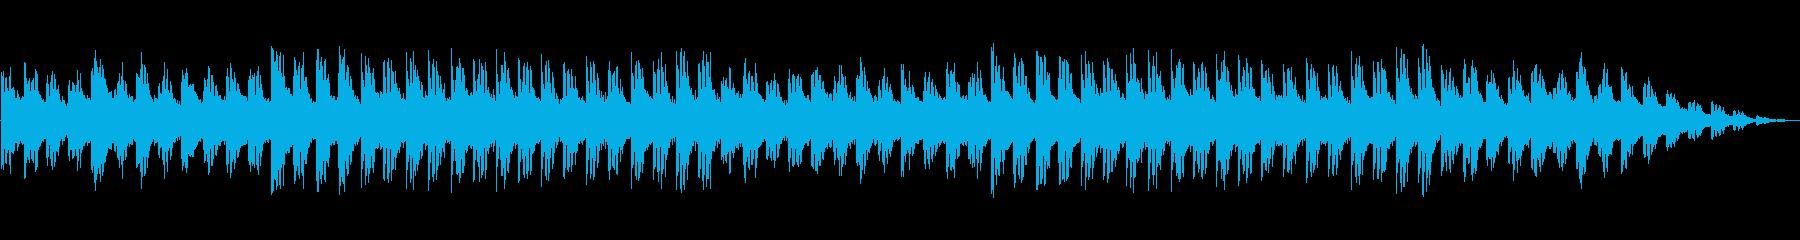 ゲームBGM風の再生済みの波形